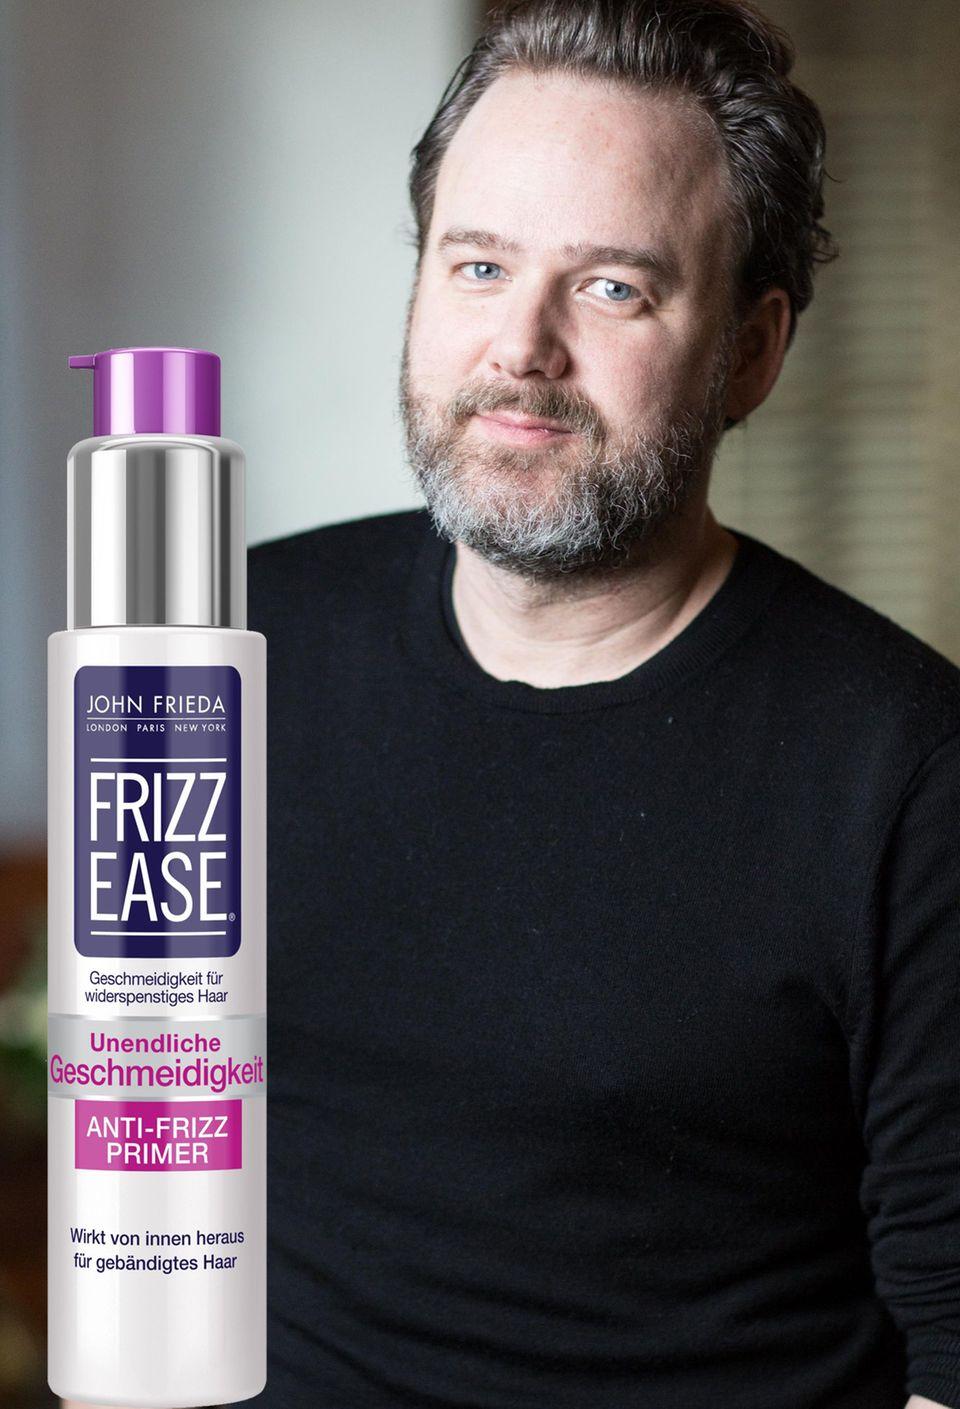 """Der Experte Andreas Wild, Senior Stylist bei John Frieda, erklärt, warum Haar-Primer wichtig sind. """"Frizz Ease Anti-Frizz Primer"""" von John Frieda, 100 ml, ca. 12 Euro"""